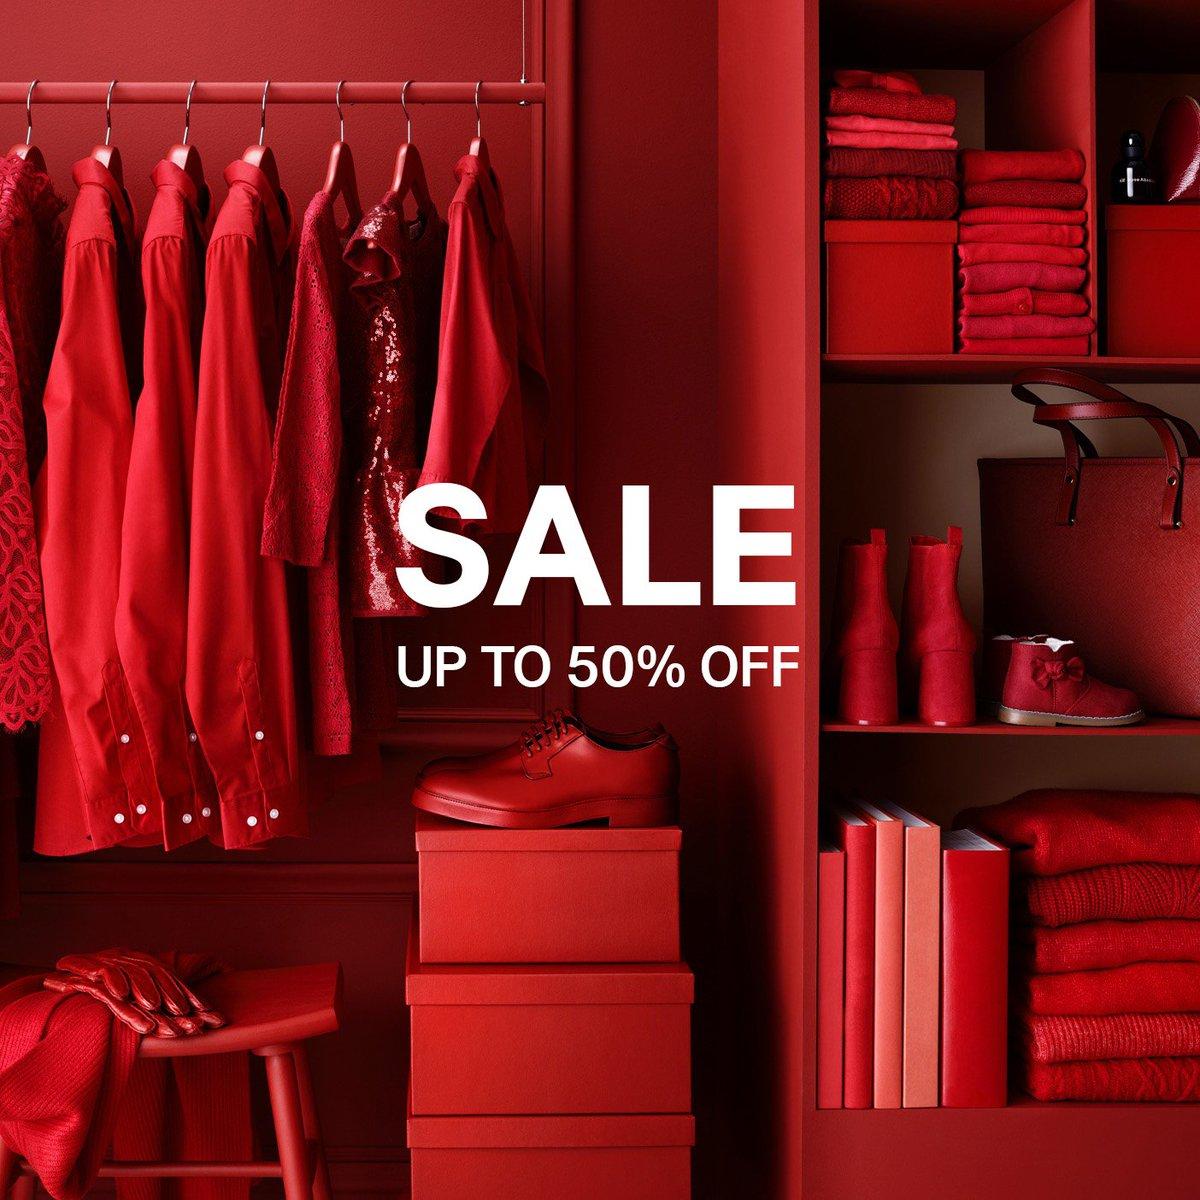 Udsalget er startet i vores butikker! Forkæl dig selv eller få de sidste julegaver i hus med ekstra gode priser. Vi giver op til 50% rabat på masser af varer til hele familien i butikkerne nu! https://t.co/P0FsnbTd7L